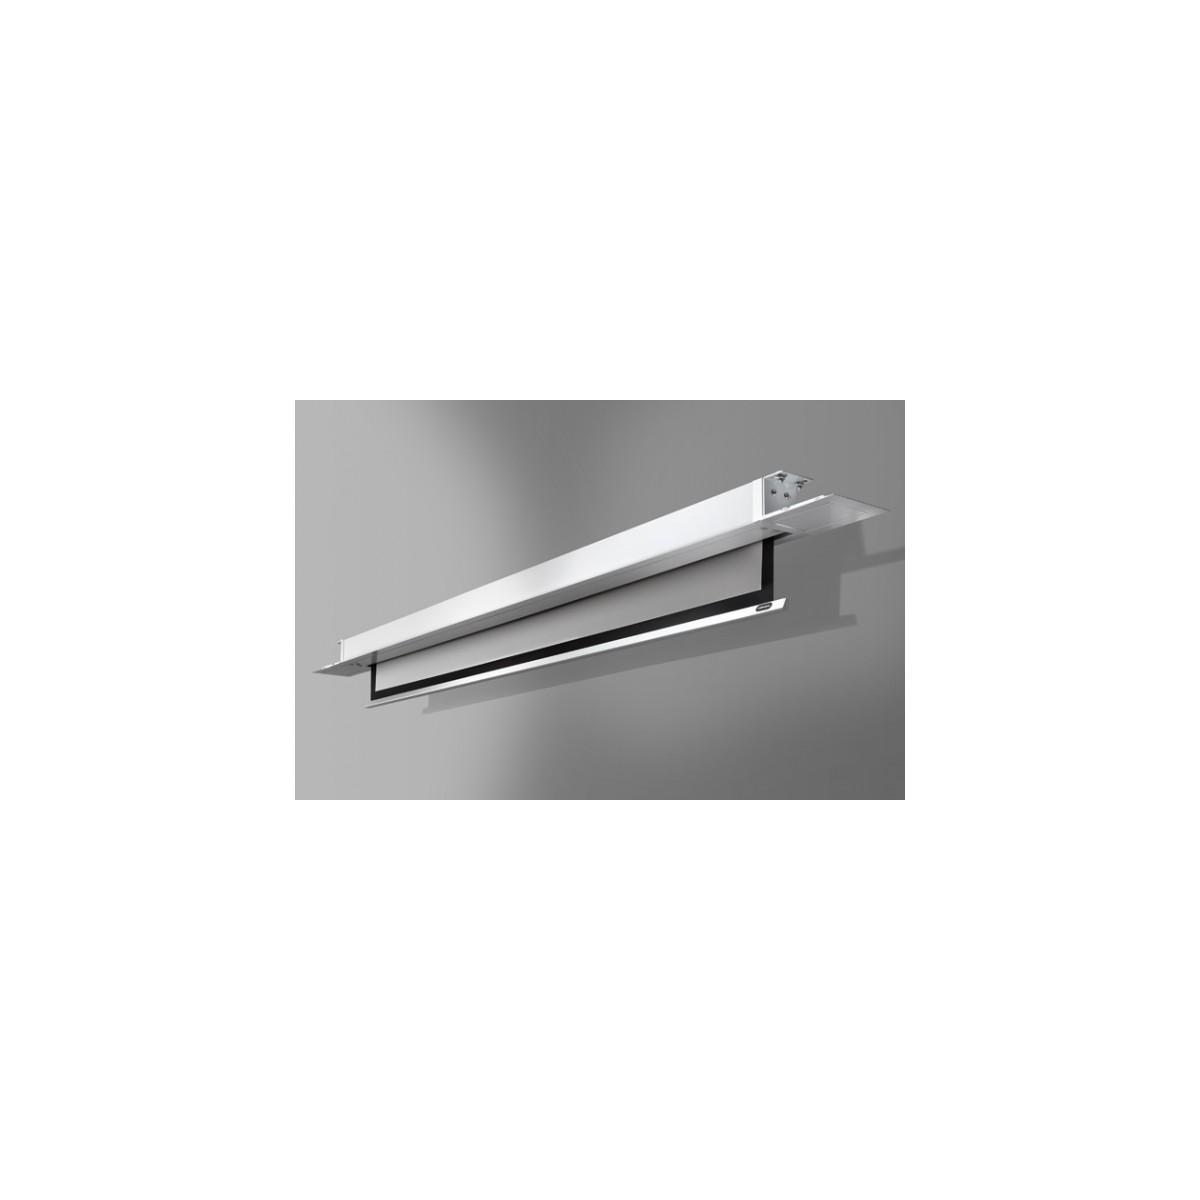 Ecran encastrable au plafond celexon motoris pro 200 x - Ecran de projection encastrable plafond ...